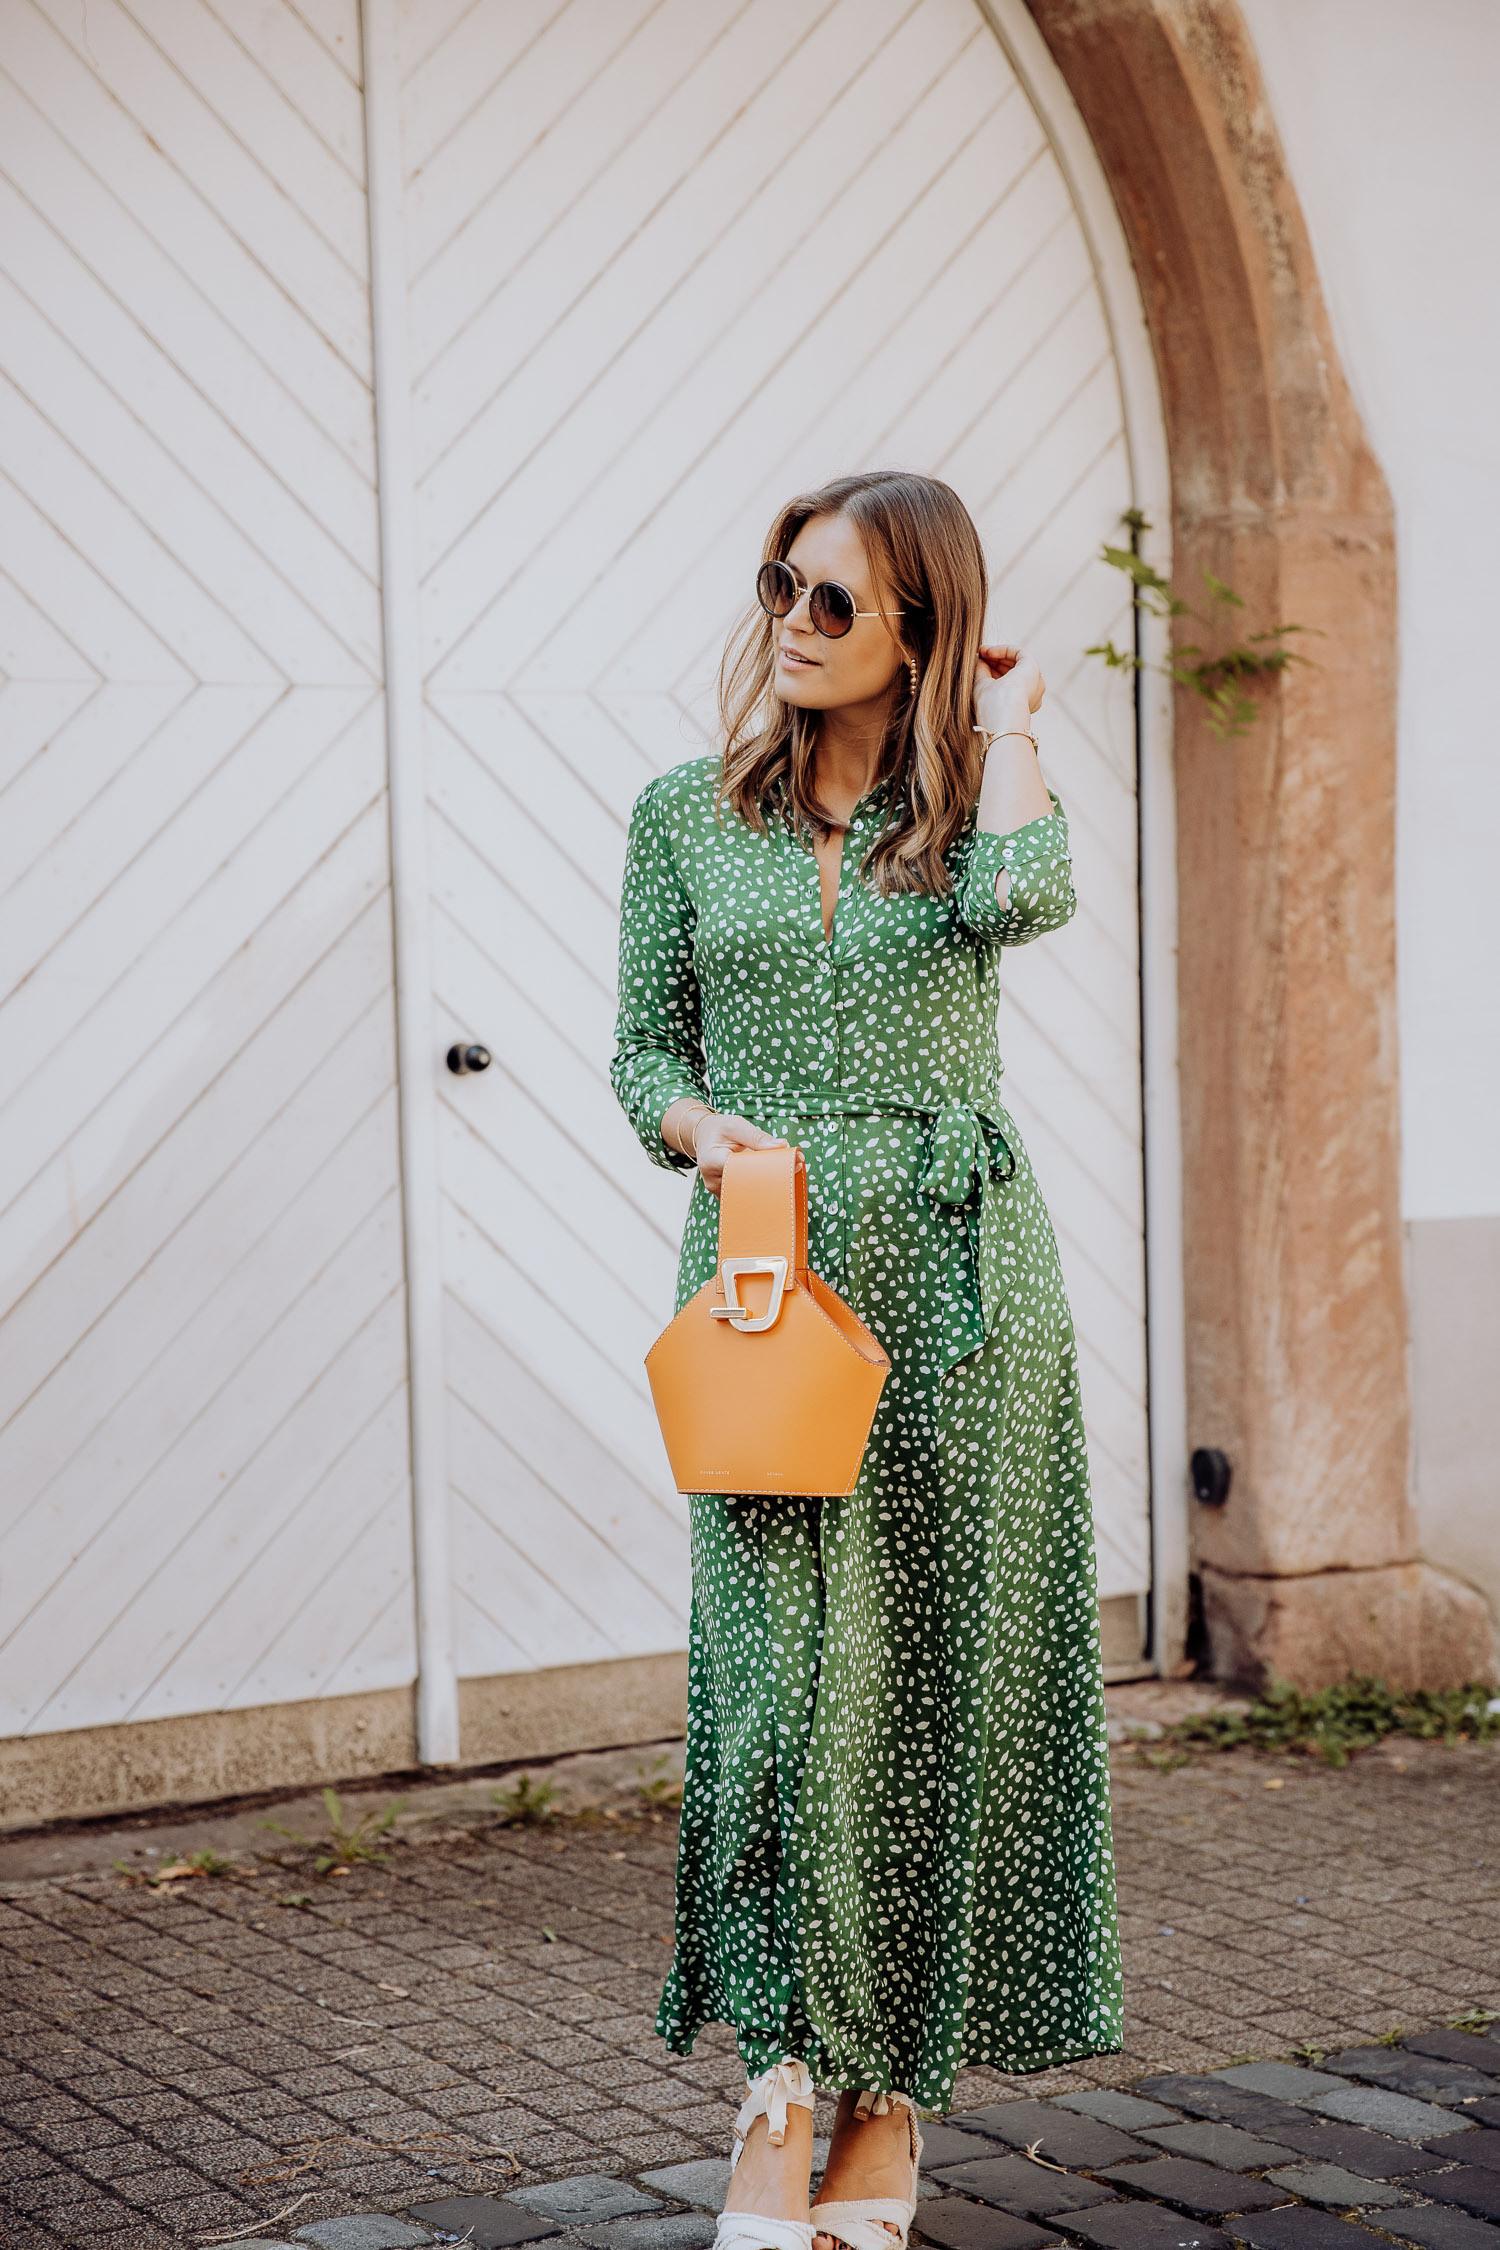 Grünes Zara Kleid6  Josie Loves